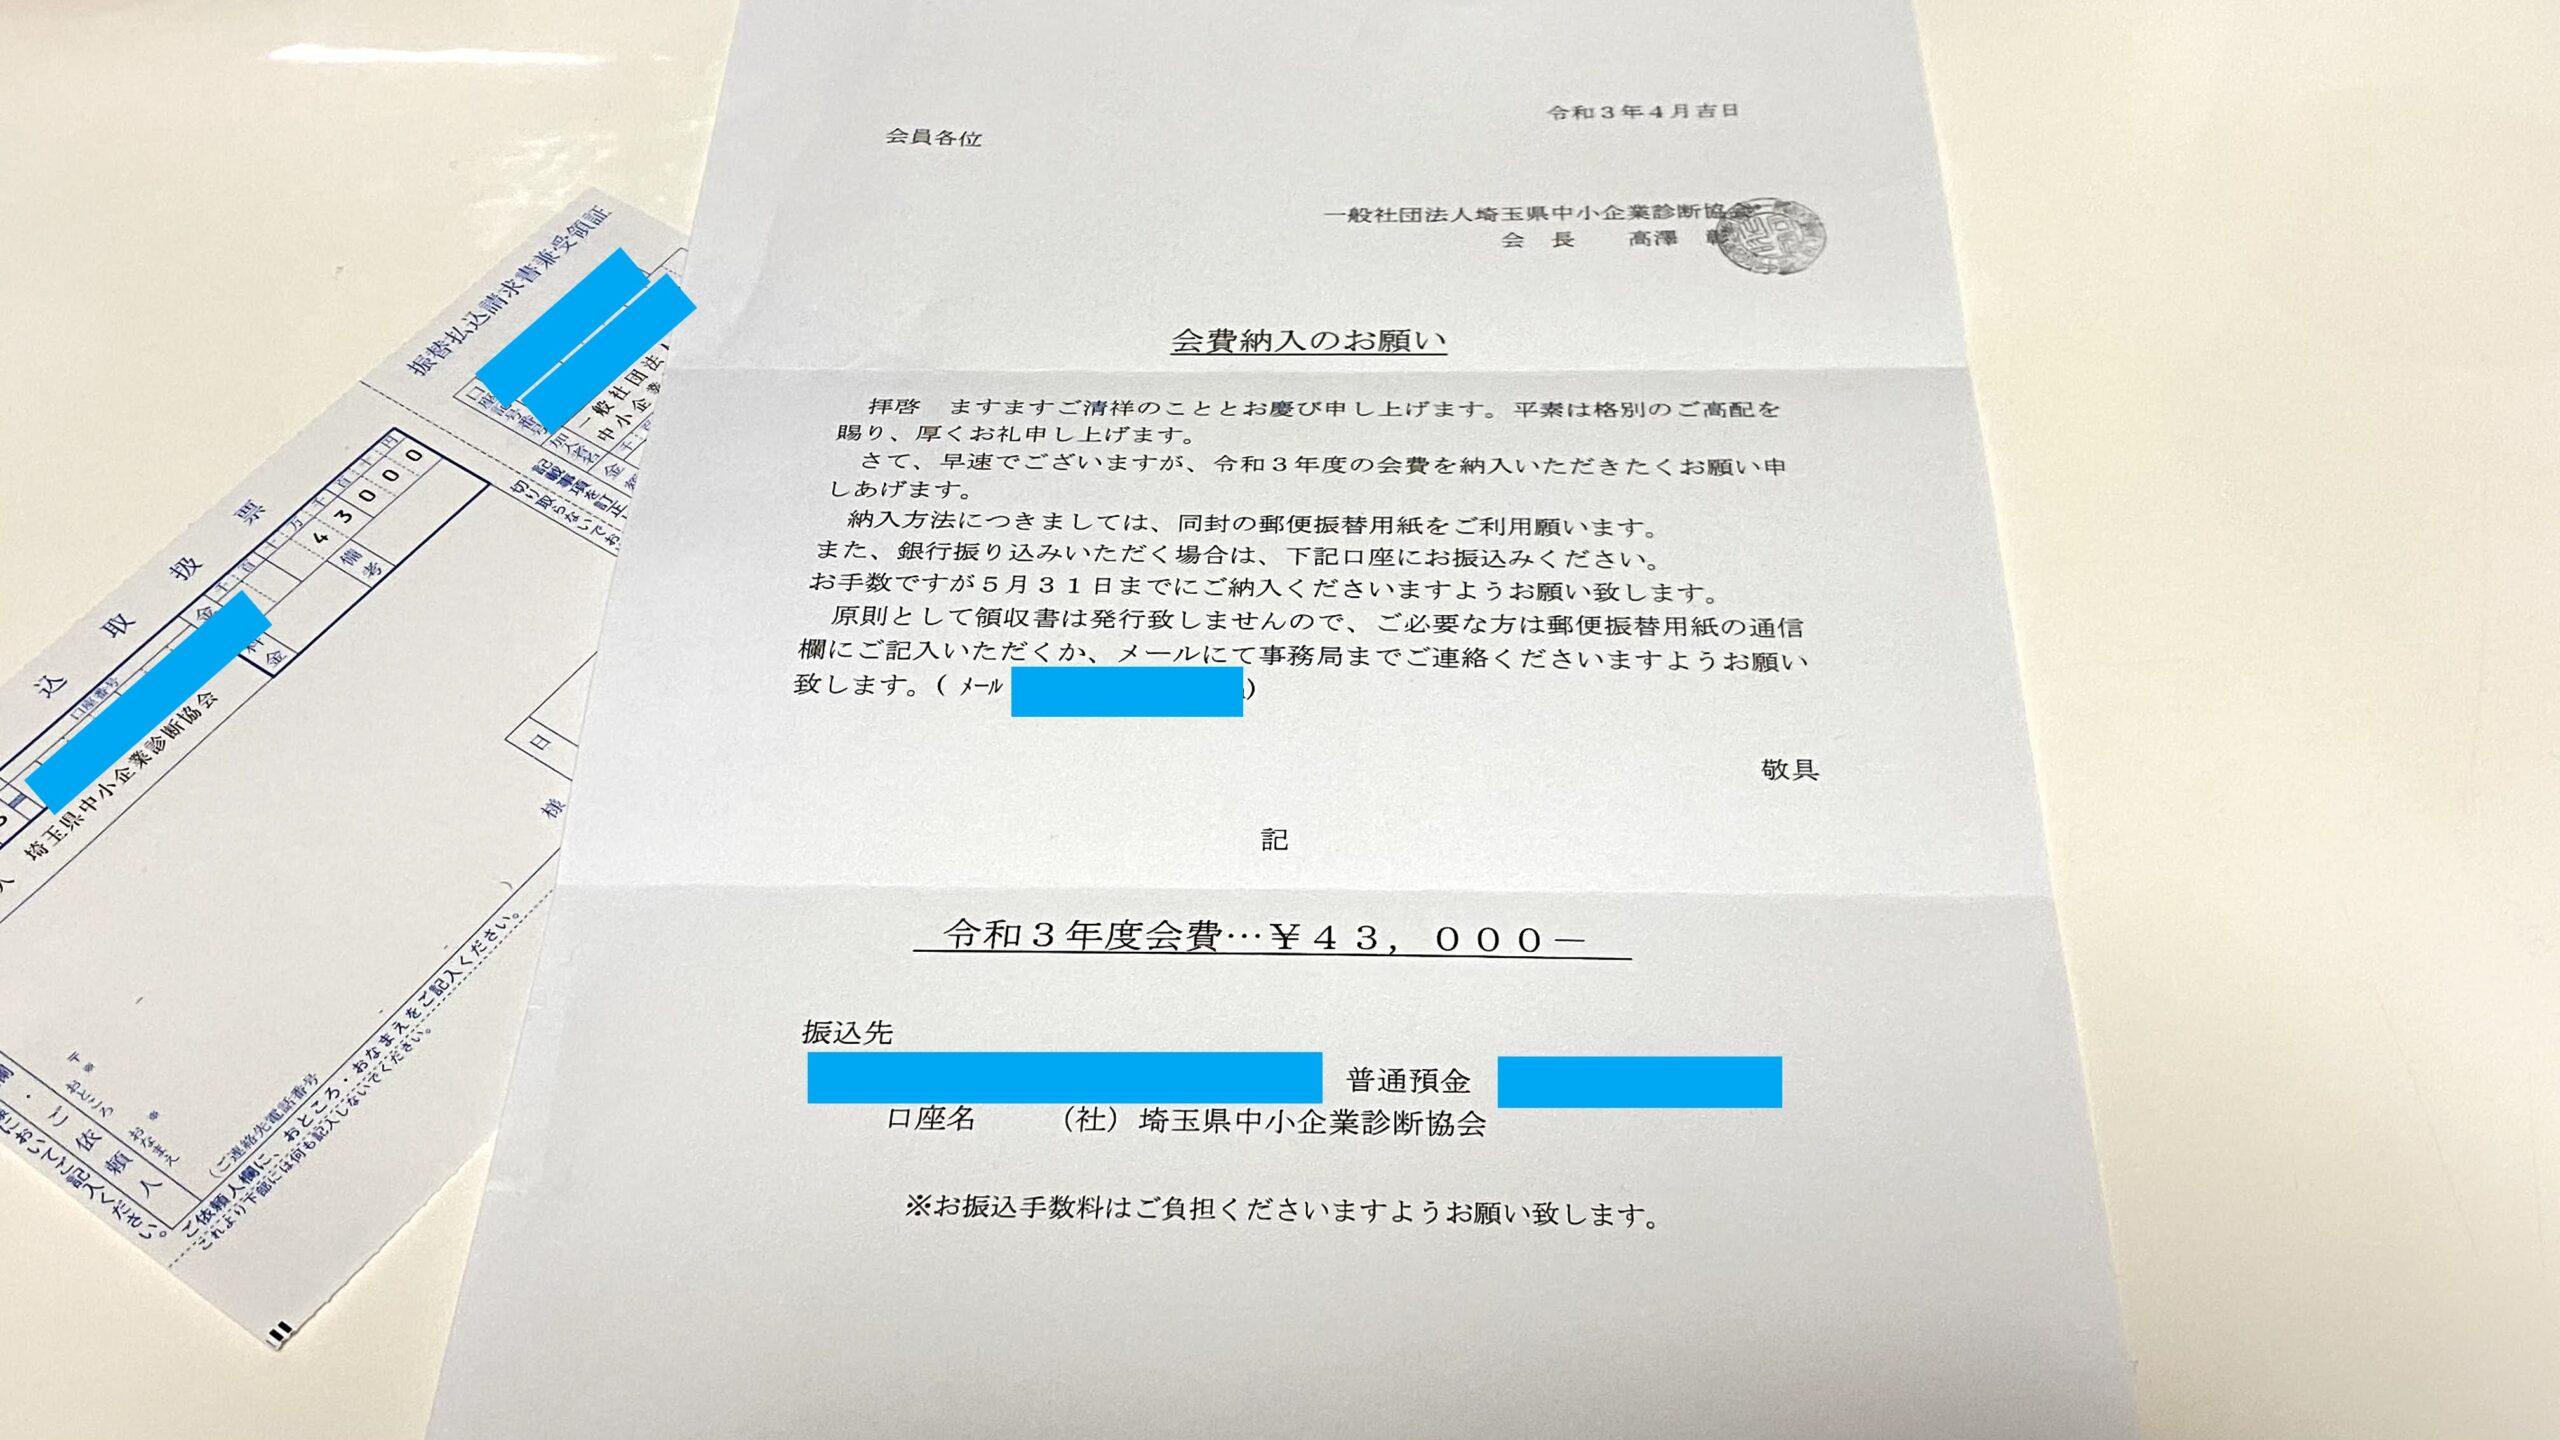 埼玉県中小企業診断協会の会費納入のお願い